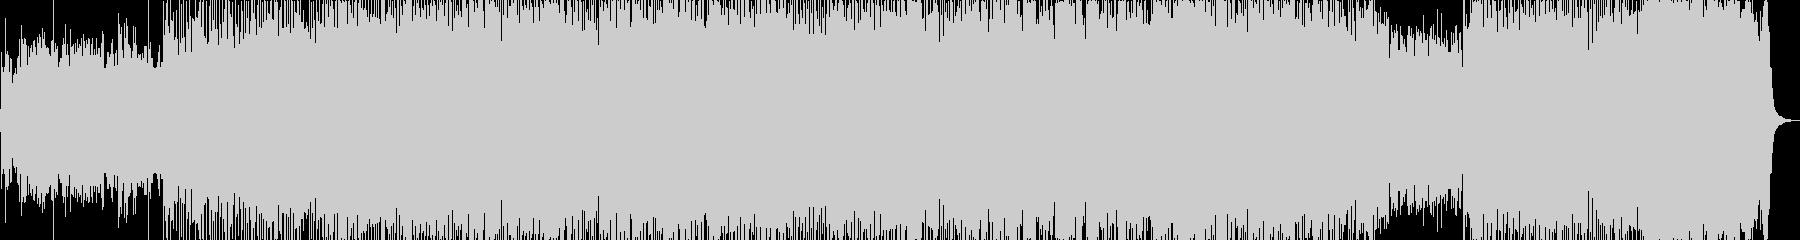 和楽器とロックの激しいBGMの未再生の波形